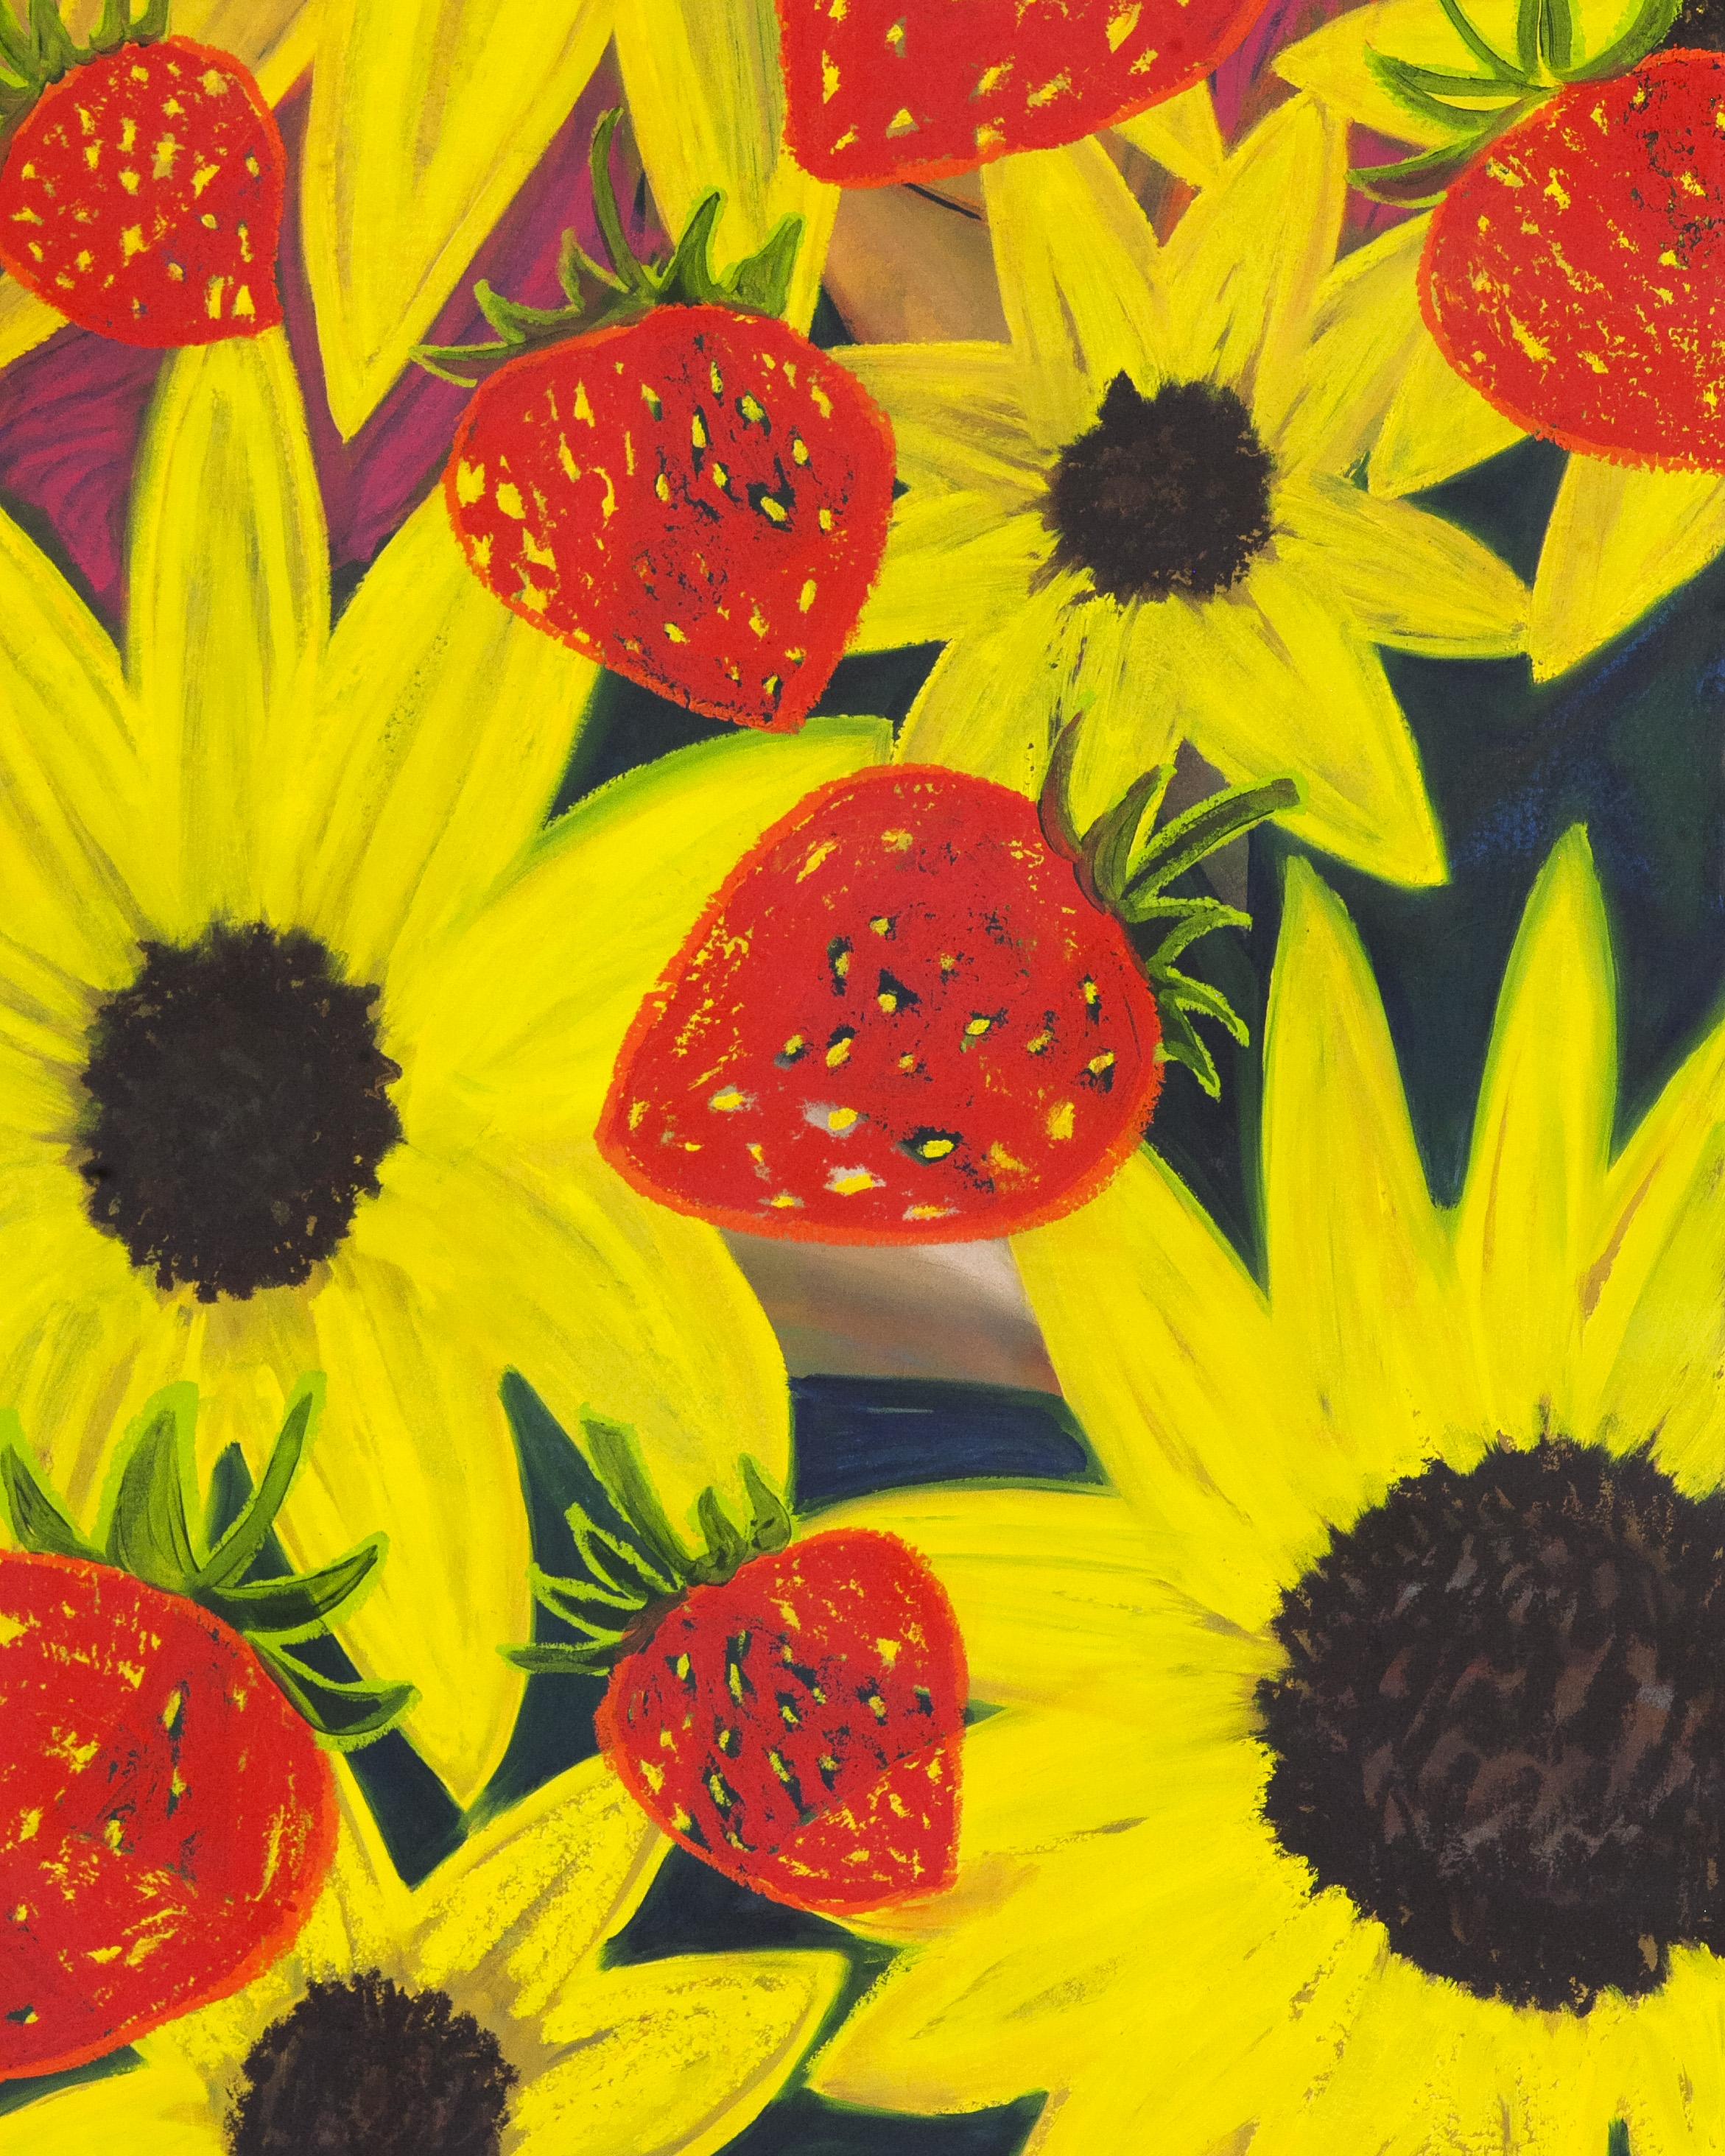 samspano_sunflowerstrawberry_2.jpg